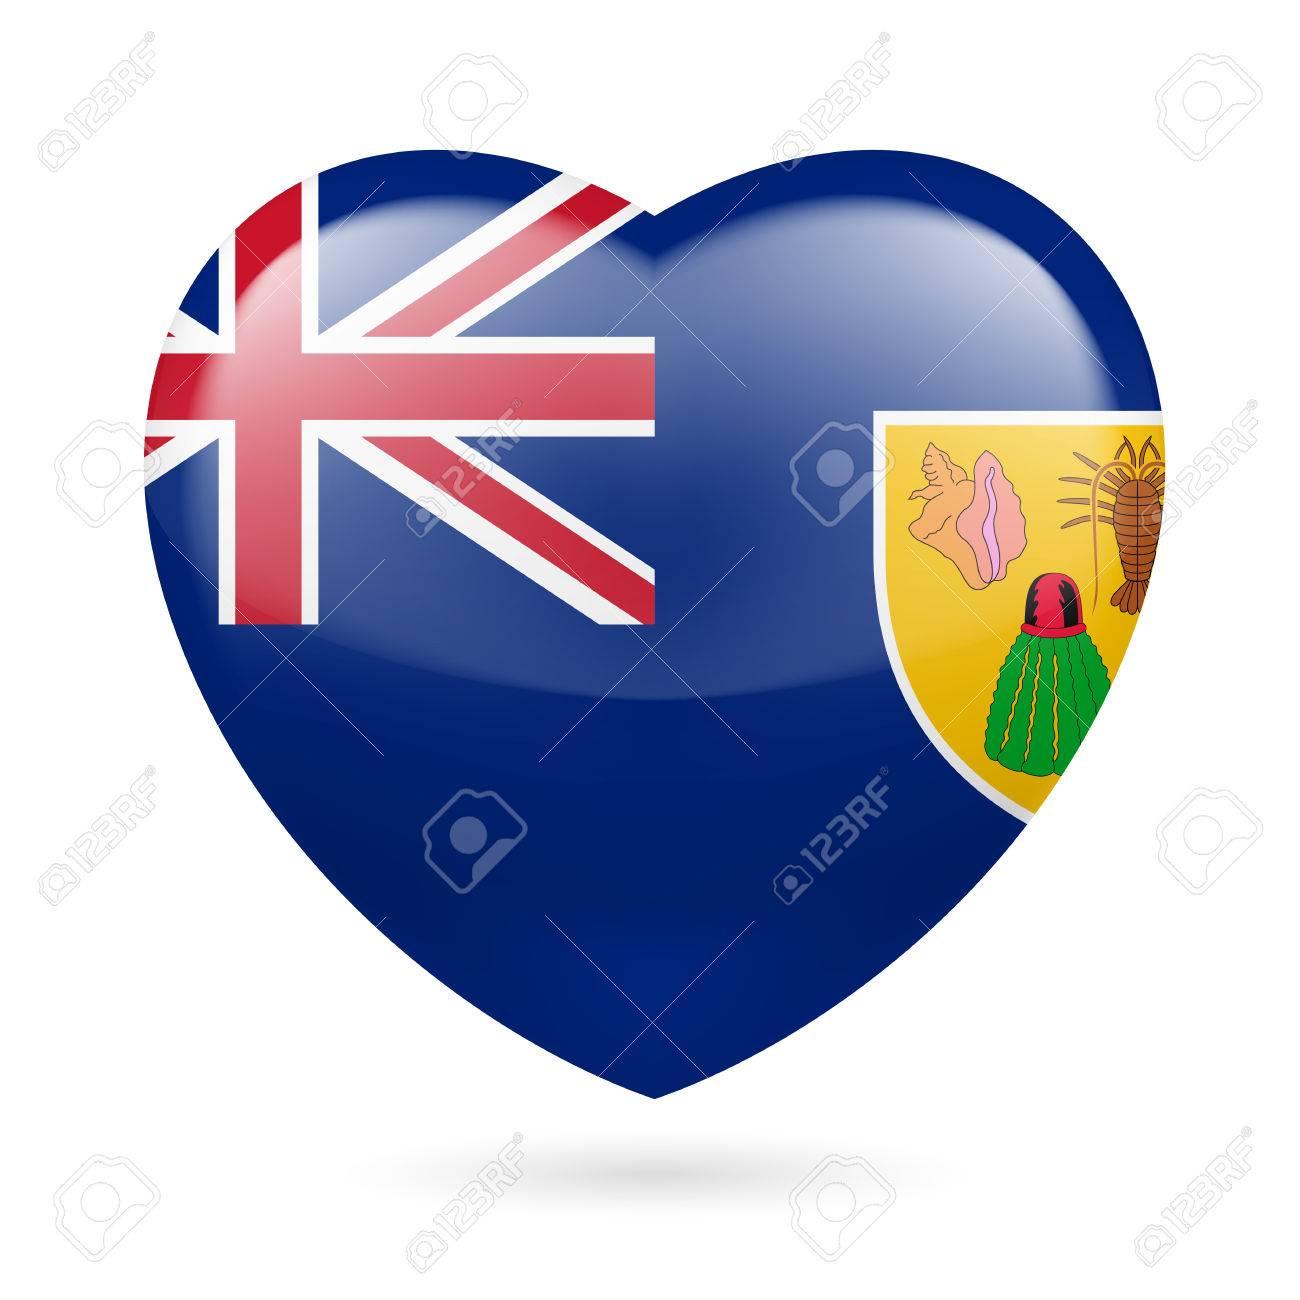 Me Encanta Islas Turcas Y Caicos Corazon Con Diseno De La Bandera